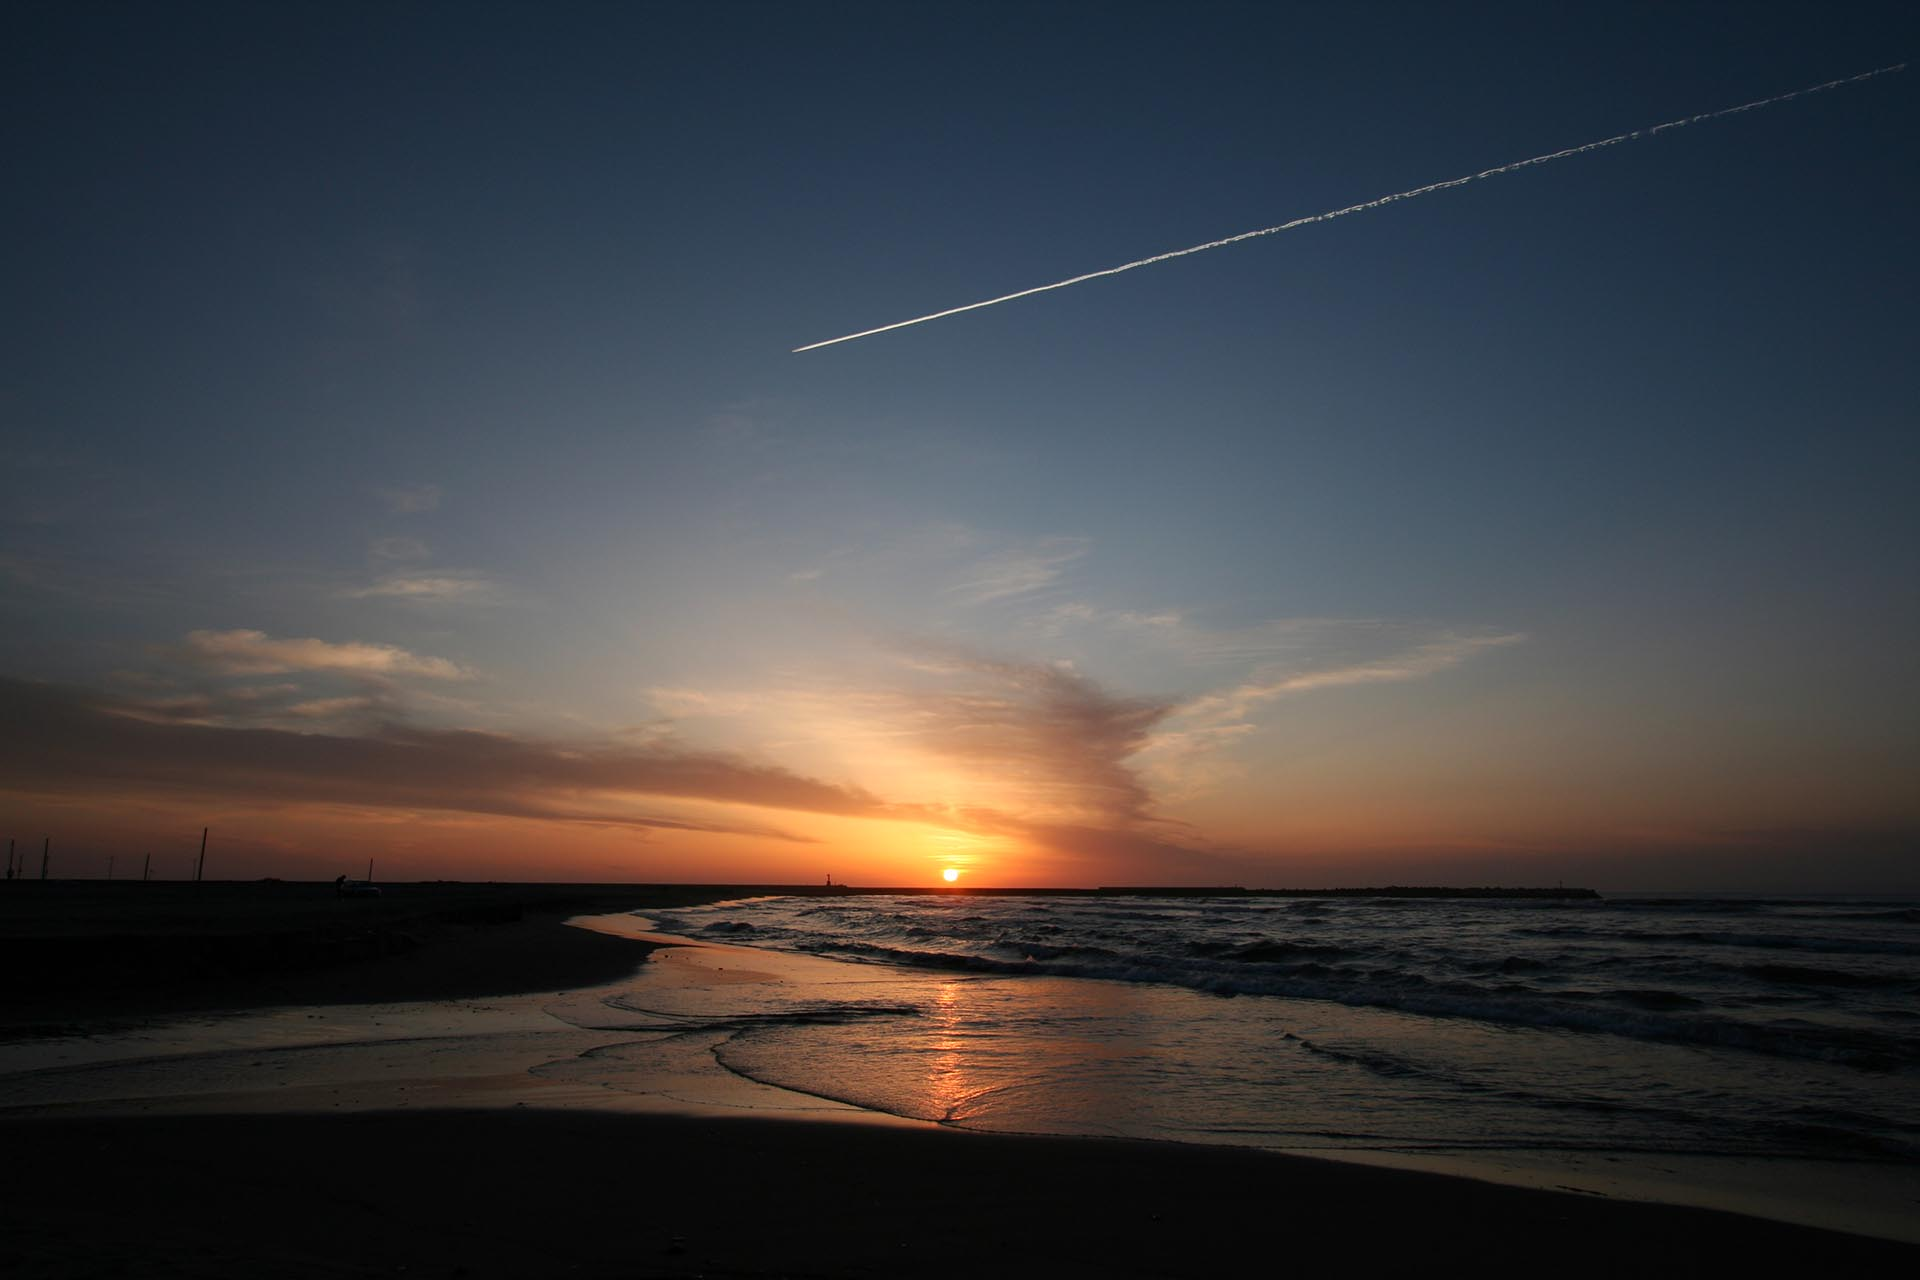 寺泊の夕日 新潟の風景